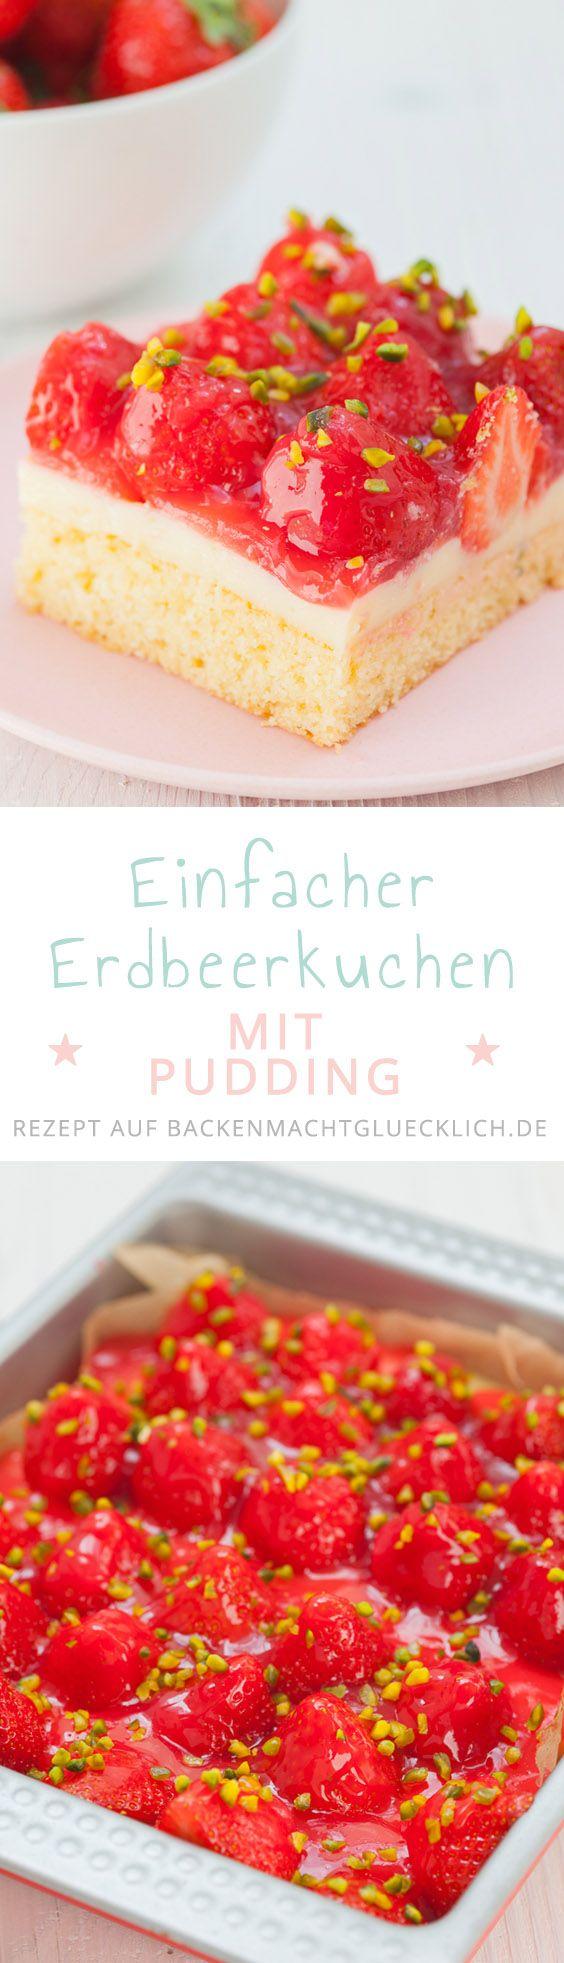 Der Erdbeer-Pudding-Kuchen ist so schlicht und einfach, dass es fast keine Anleitung braucht: Auf einen gewöhnlichen Rührteigboden folgt eine Schicht Puddingcreme – die tatsächlich nur aus Milch, minimal Zucker und Puddingpulver besteht – sowie ein Topping aus vielen Erdbeeren samt Tortenguss. Das war´s.